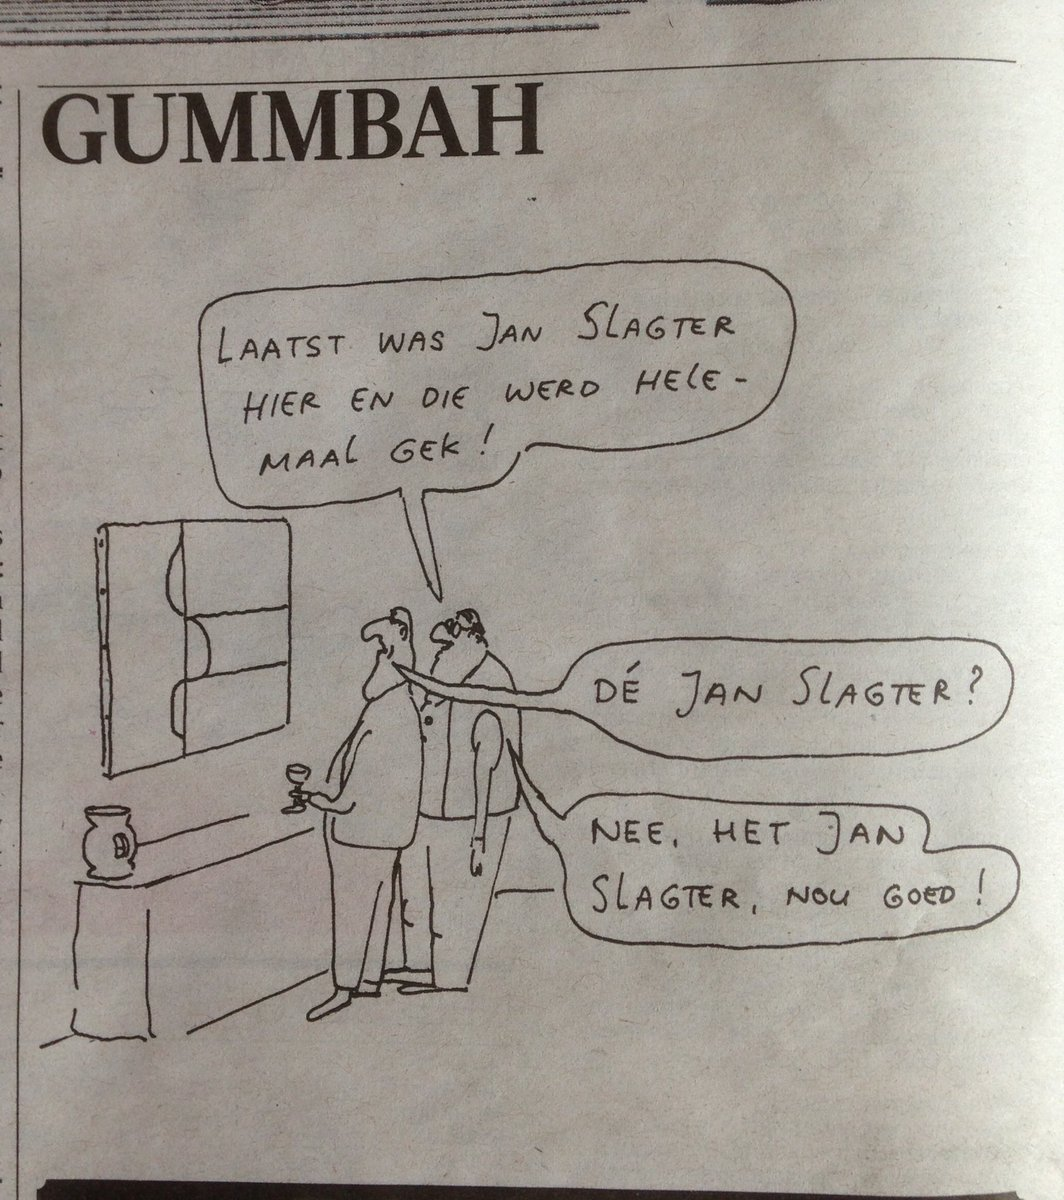 Dé Jan Slagter. #gummbah https://t.co/JImULTiv10